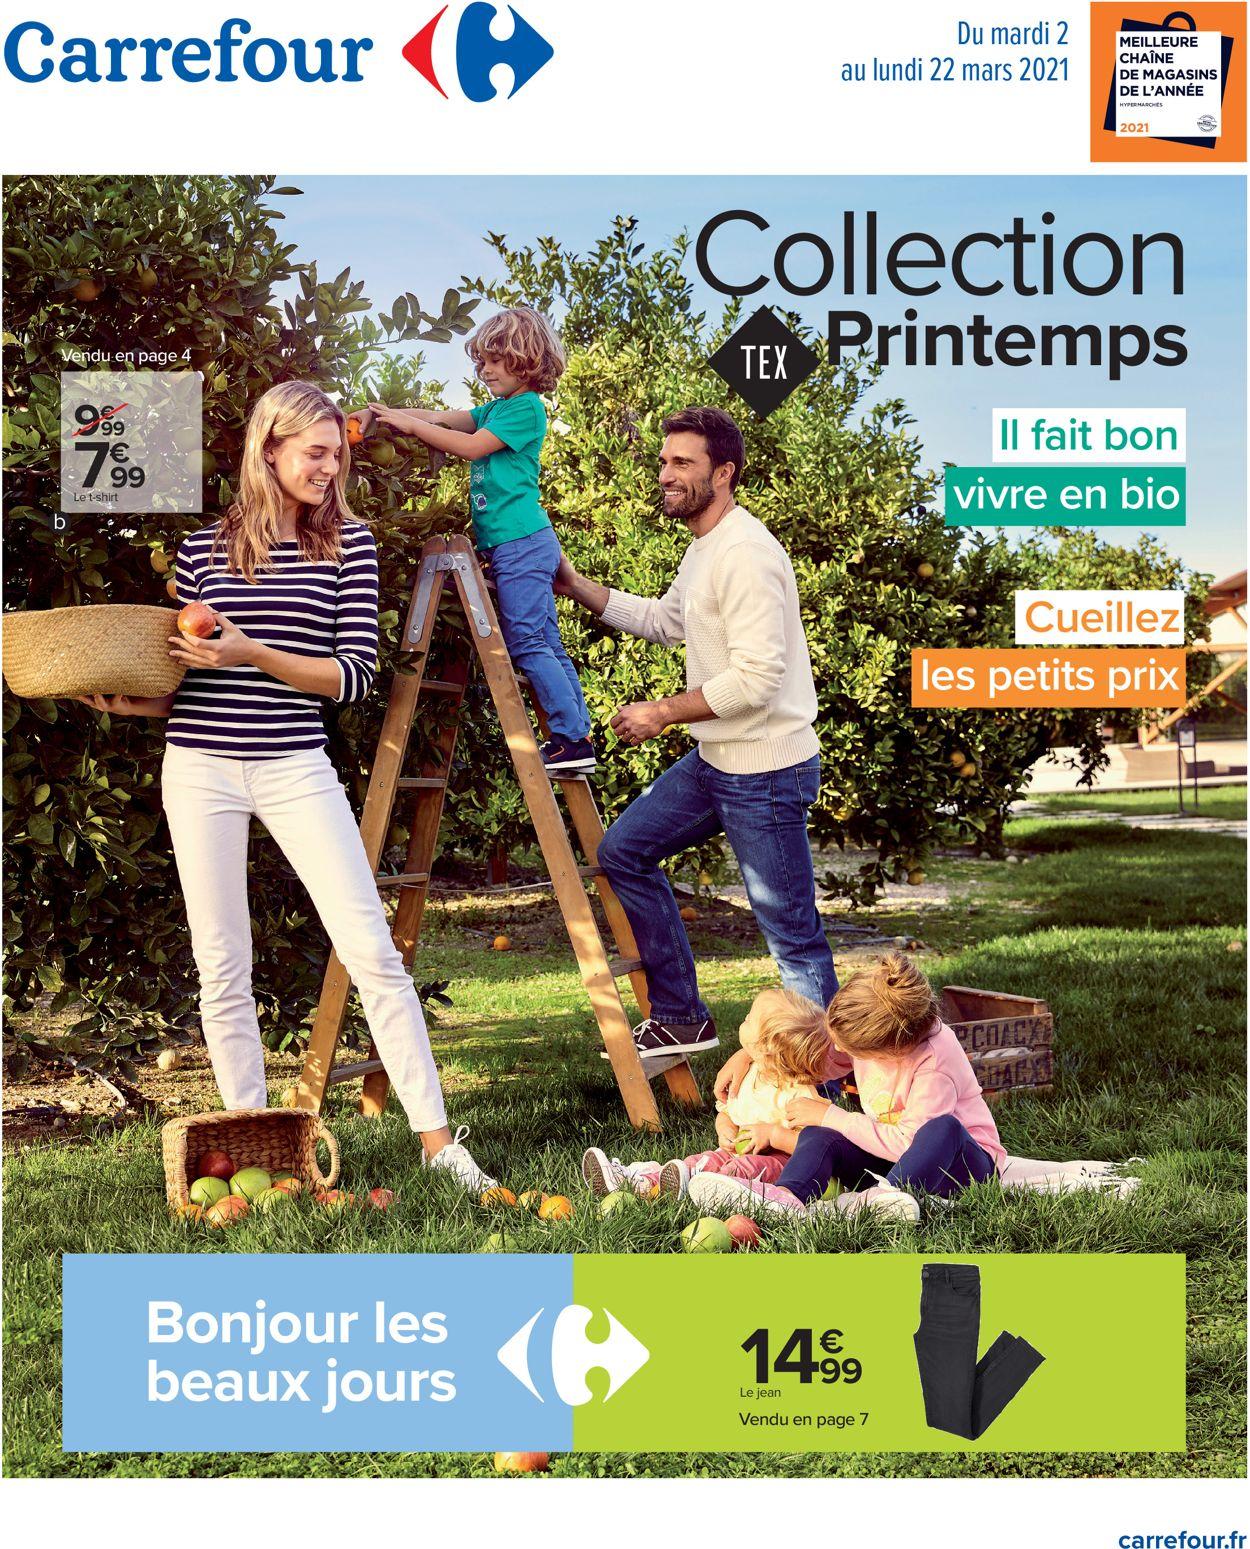 Carrefour Catalogue - 02.03-22.03.2021